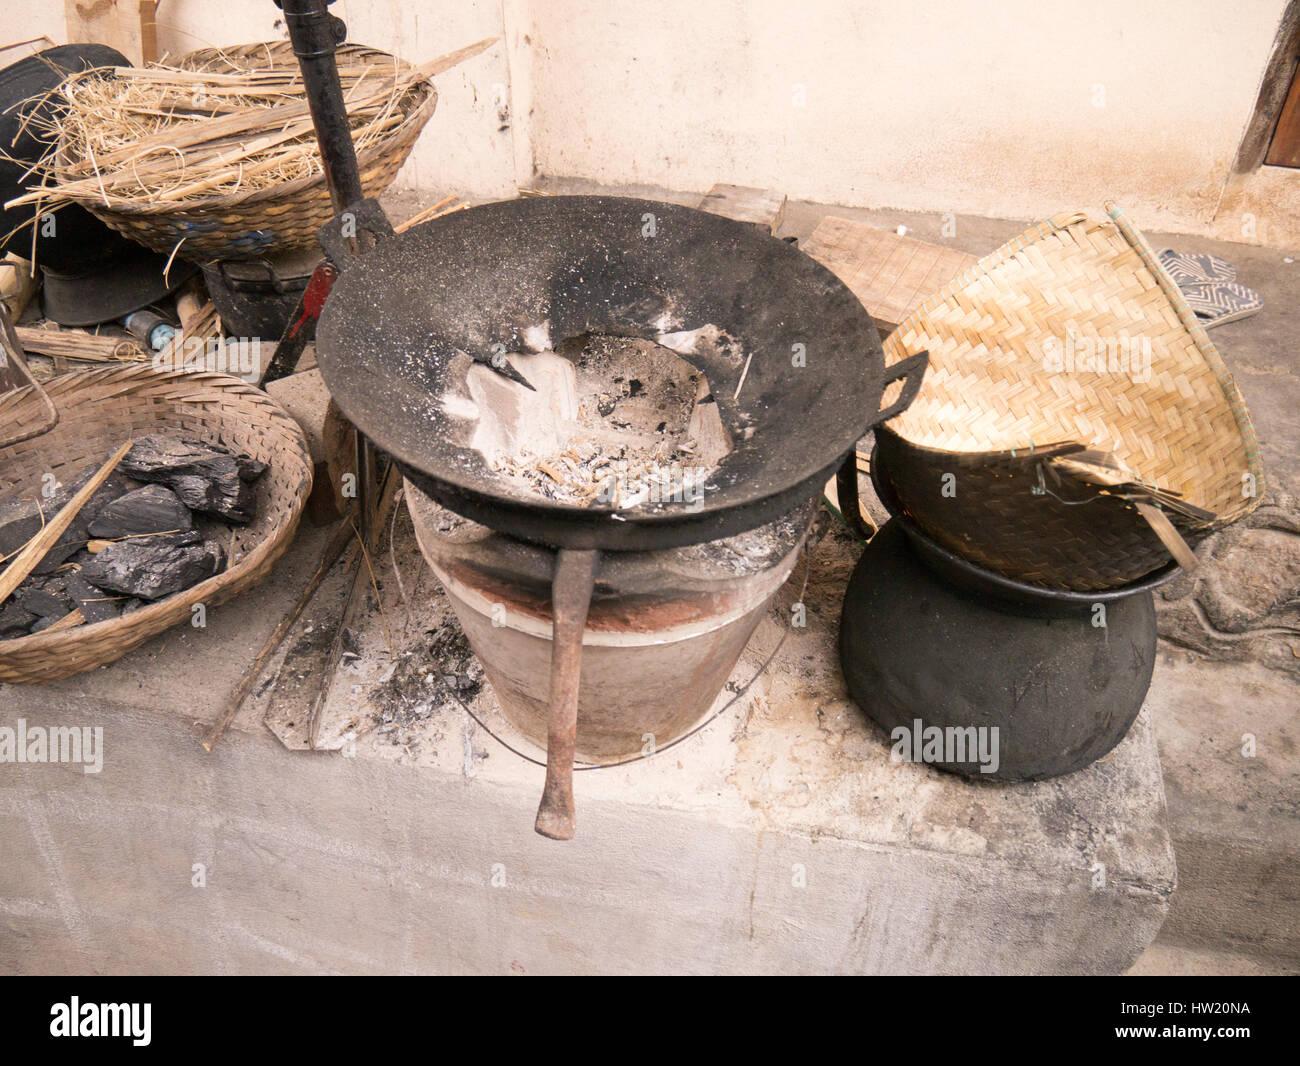 La cuisson du charbon de onn la rue à Luang Prabang Photo Stock